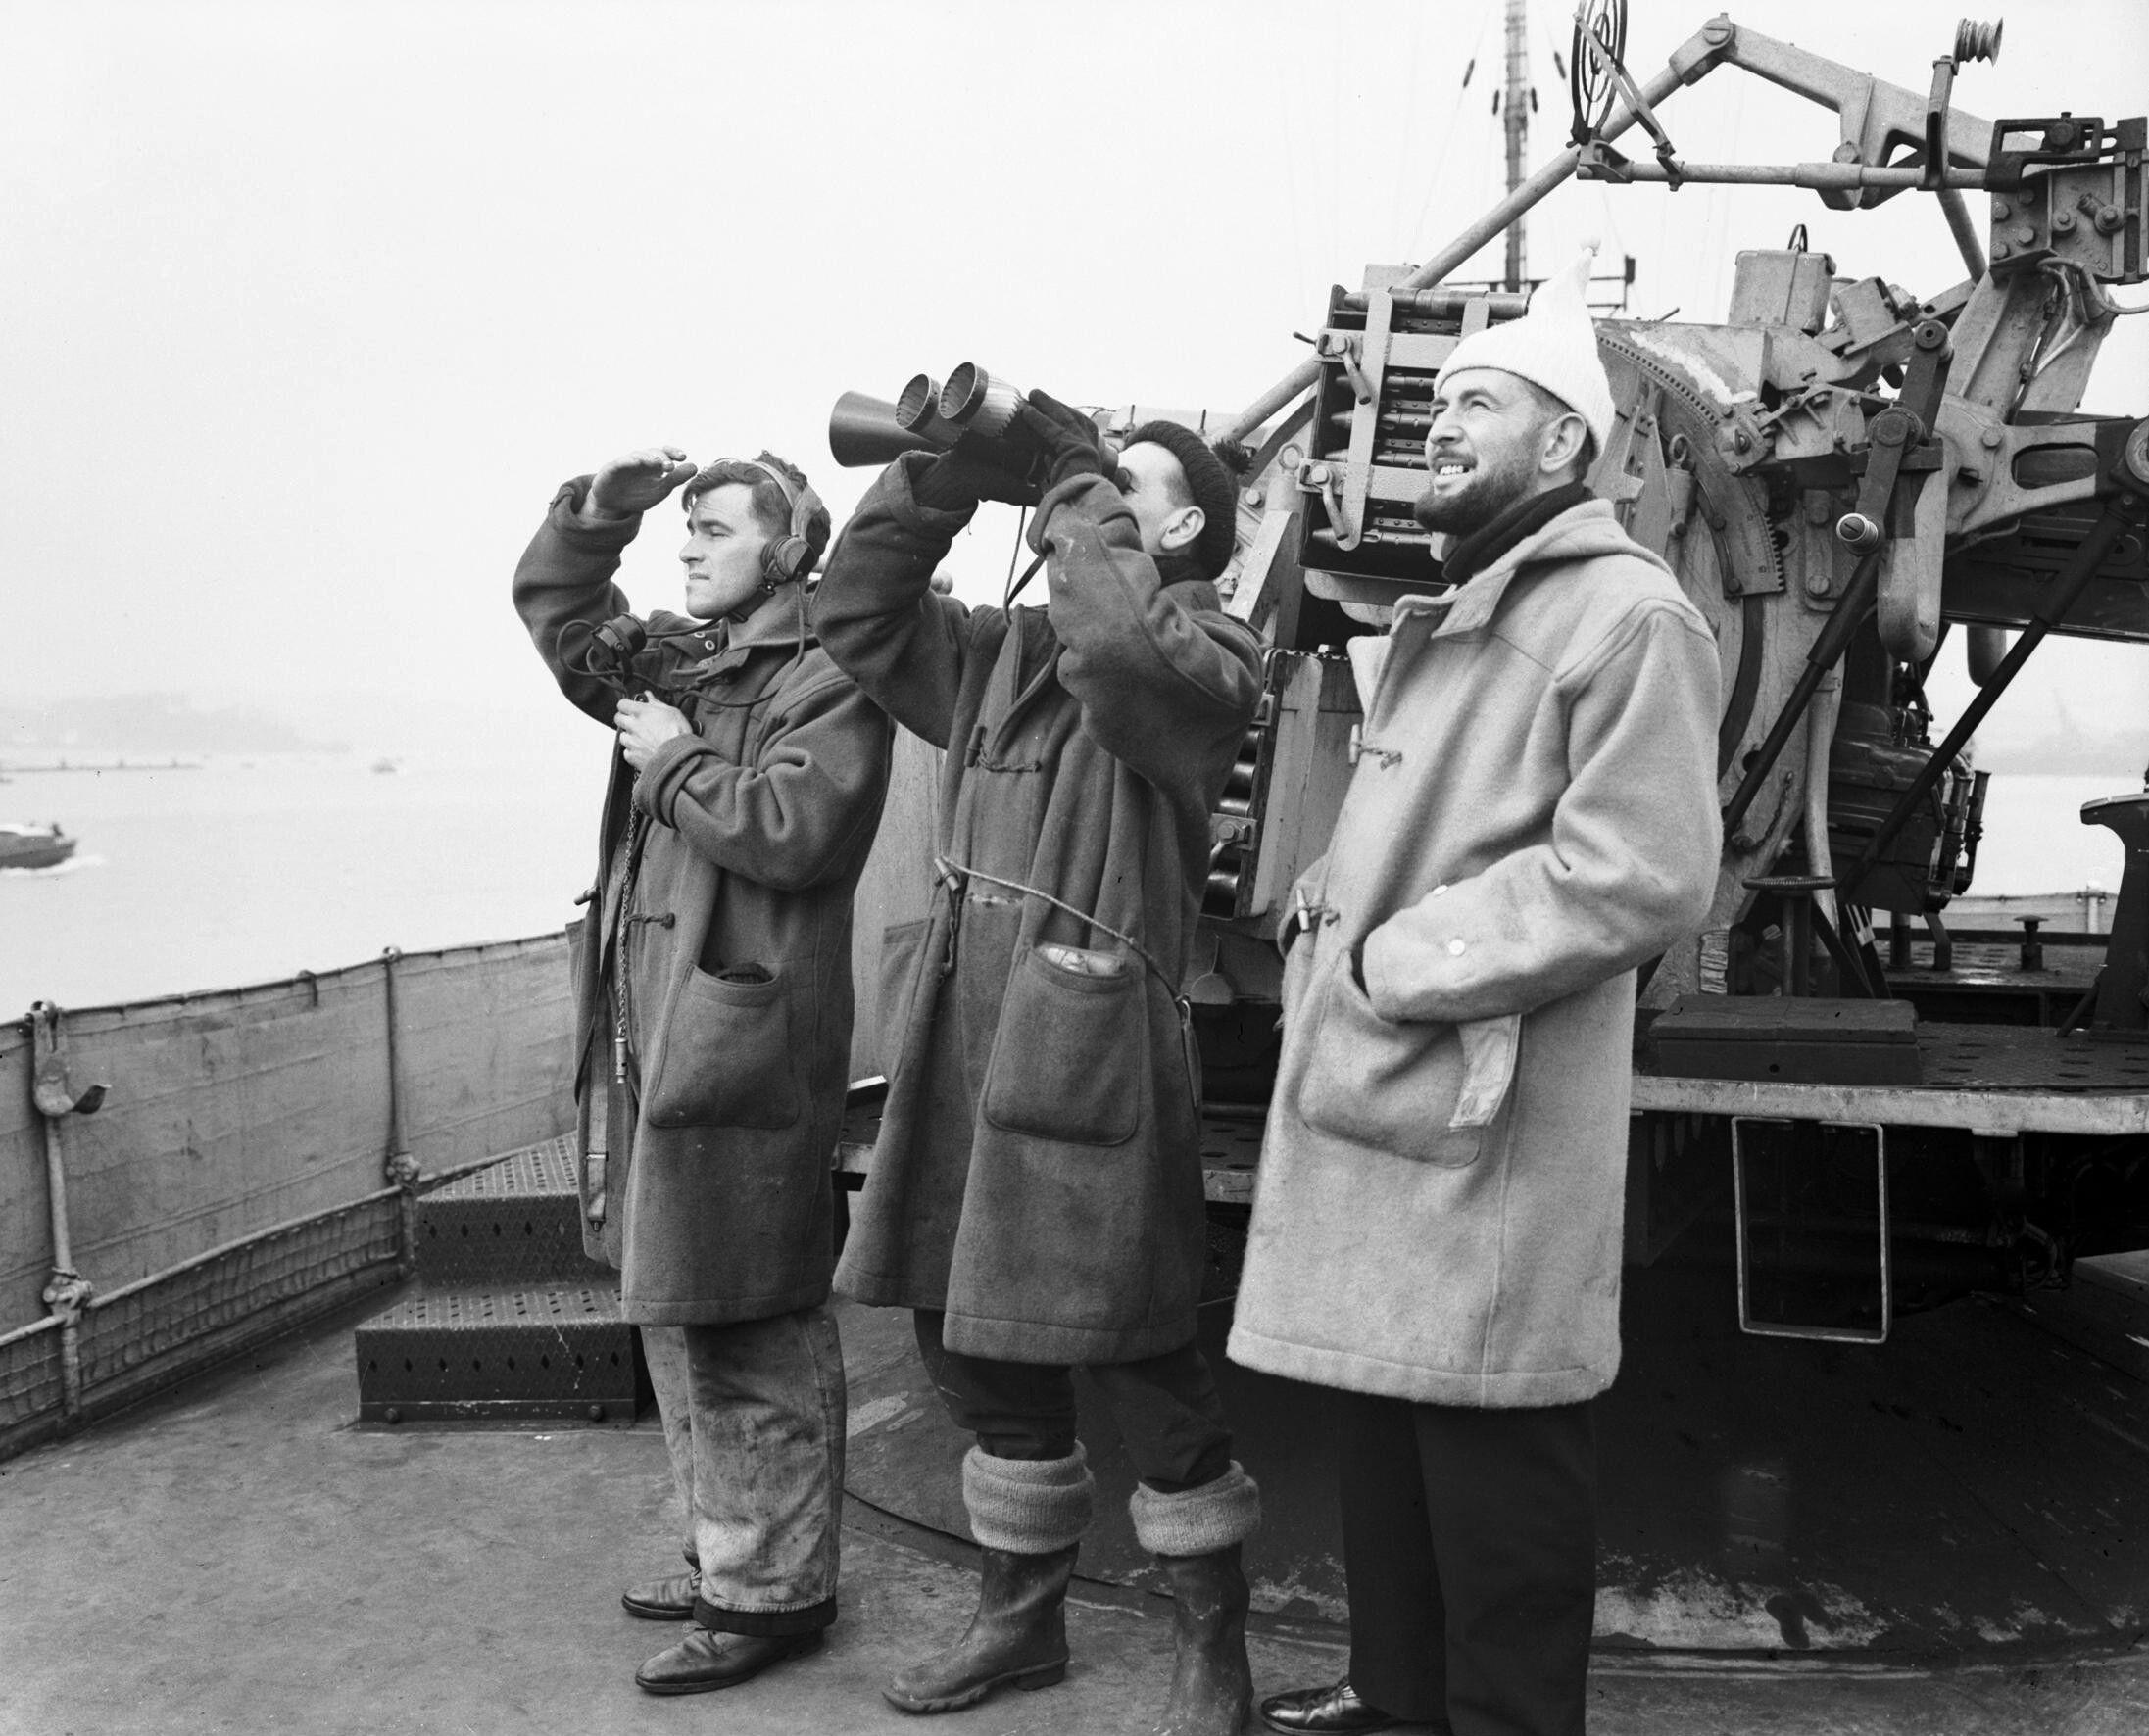 Дафлкот на военных моряках Великобритании